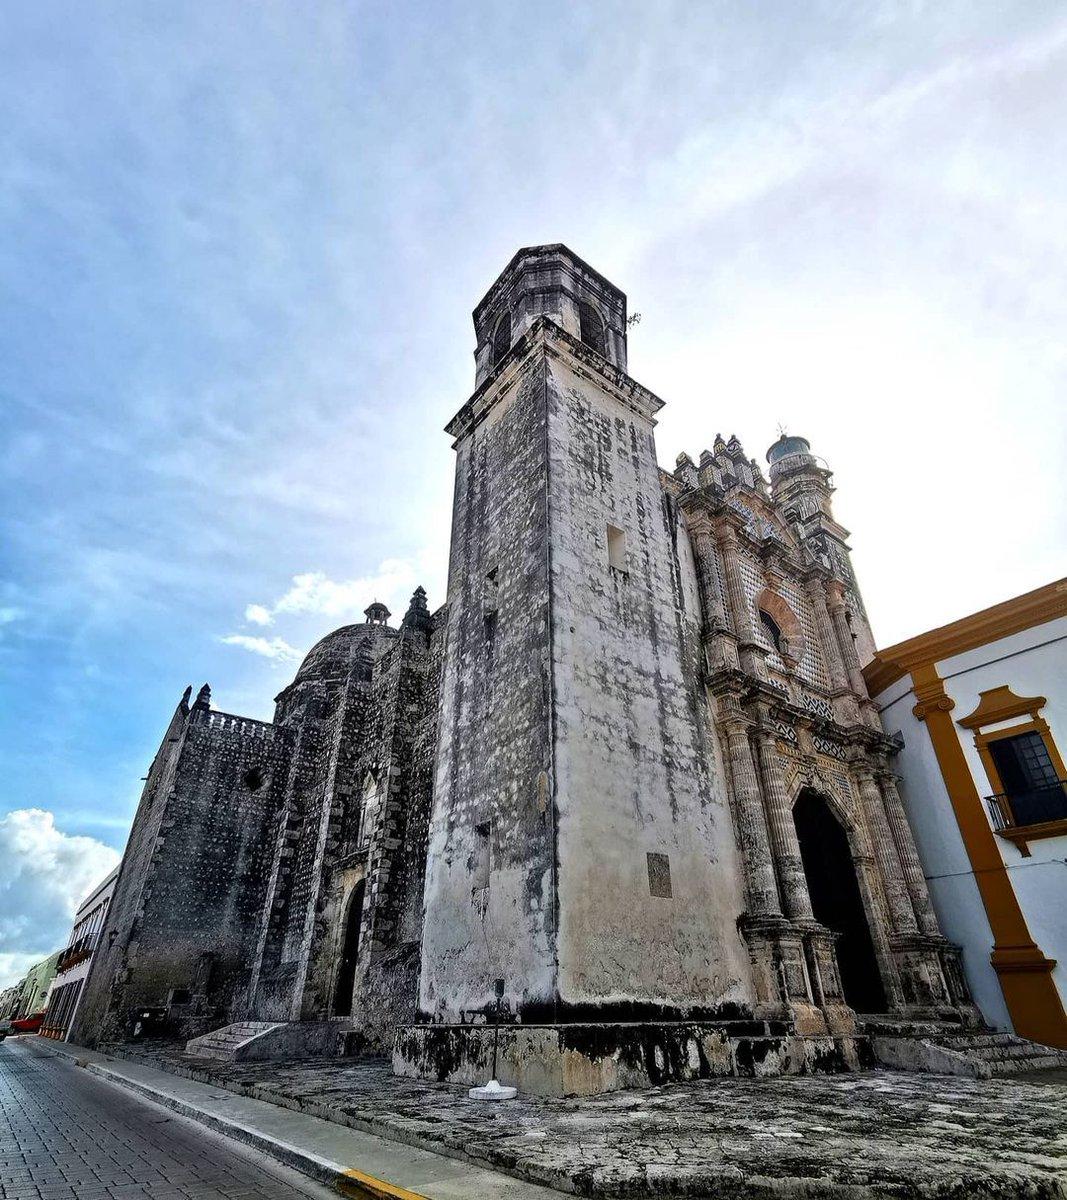 @liz_lezama El cielo y el templo de nuestros tiempos 📸☀️❤️#Comunica - #campeche #mexico #tags #likes #tagsforlikes #likesforlikes #instagram #amazing #visiting #travel #sun #bluesky #skylovers #igersCampeche #campecheturismo #templo #placetogo #mexicoSorprendente